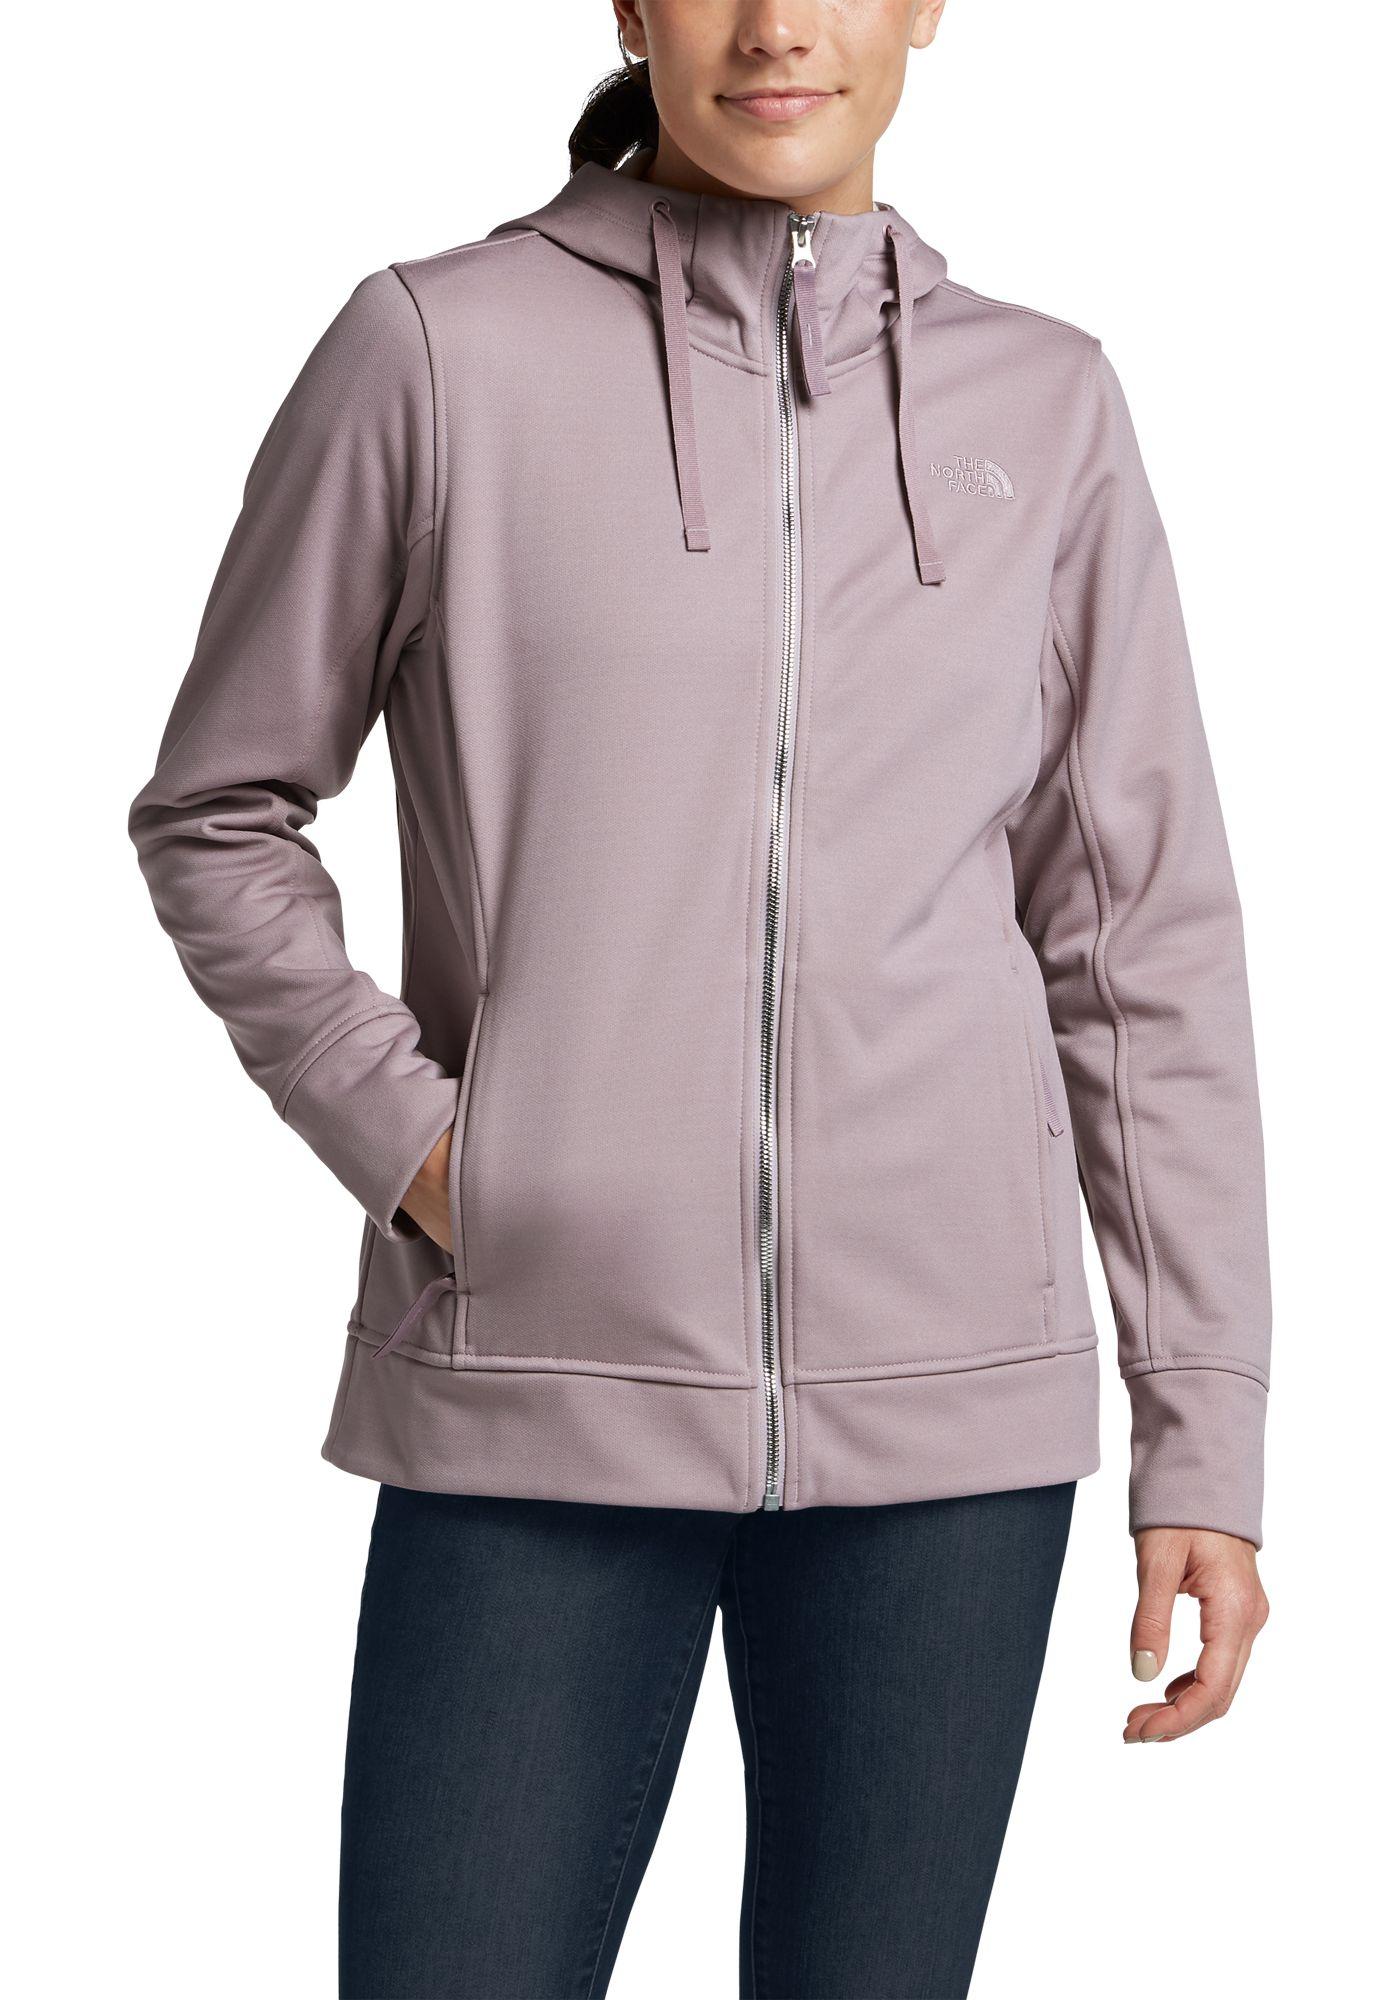 The North Face Women's Mattea Full-Zip Jacket